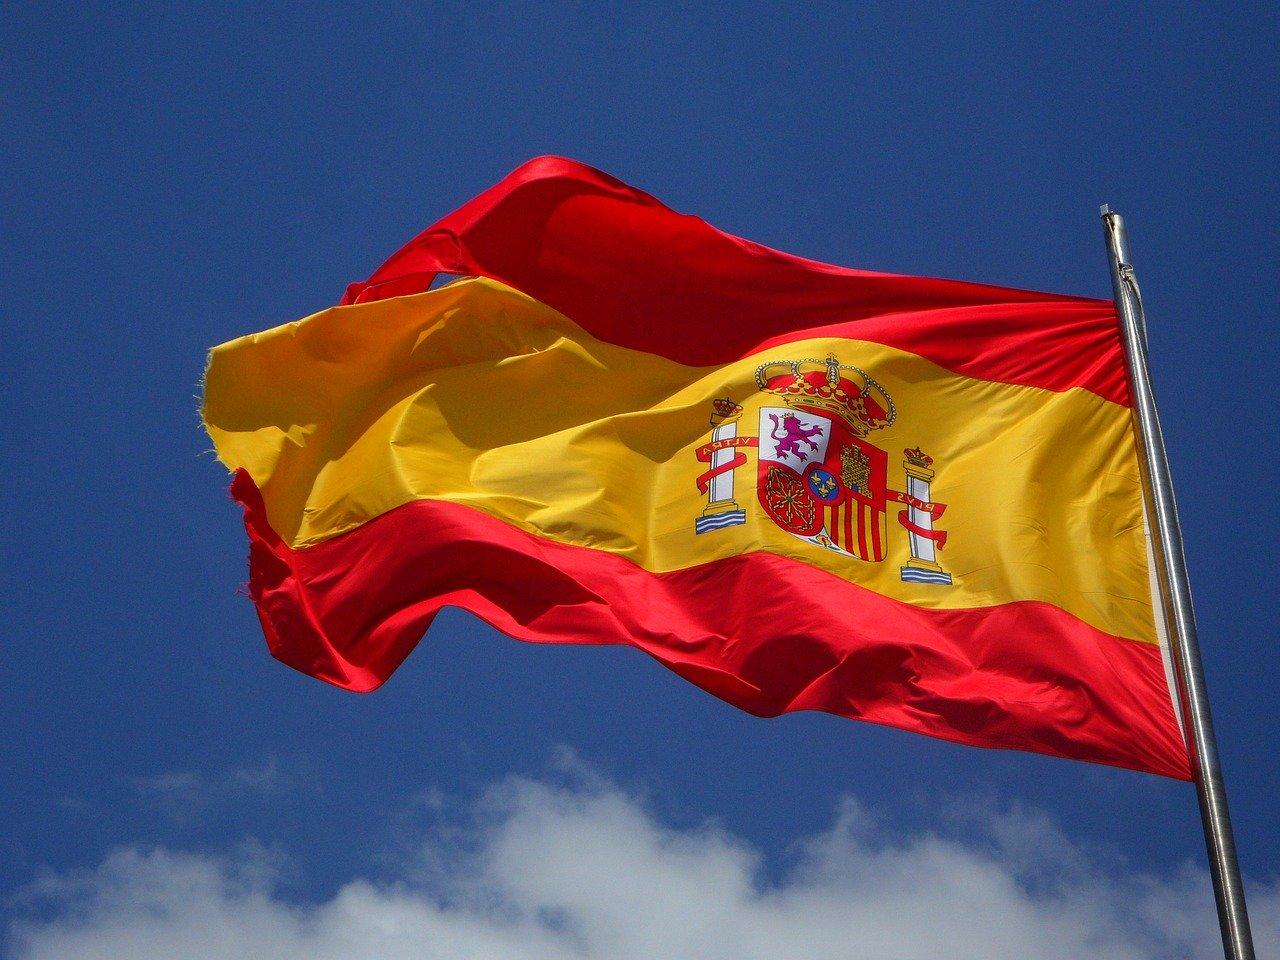 Desmantelada en España una red de estafas que lavaba dinero con criptomonedas